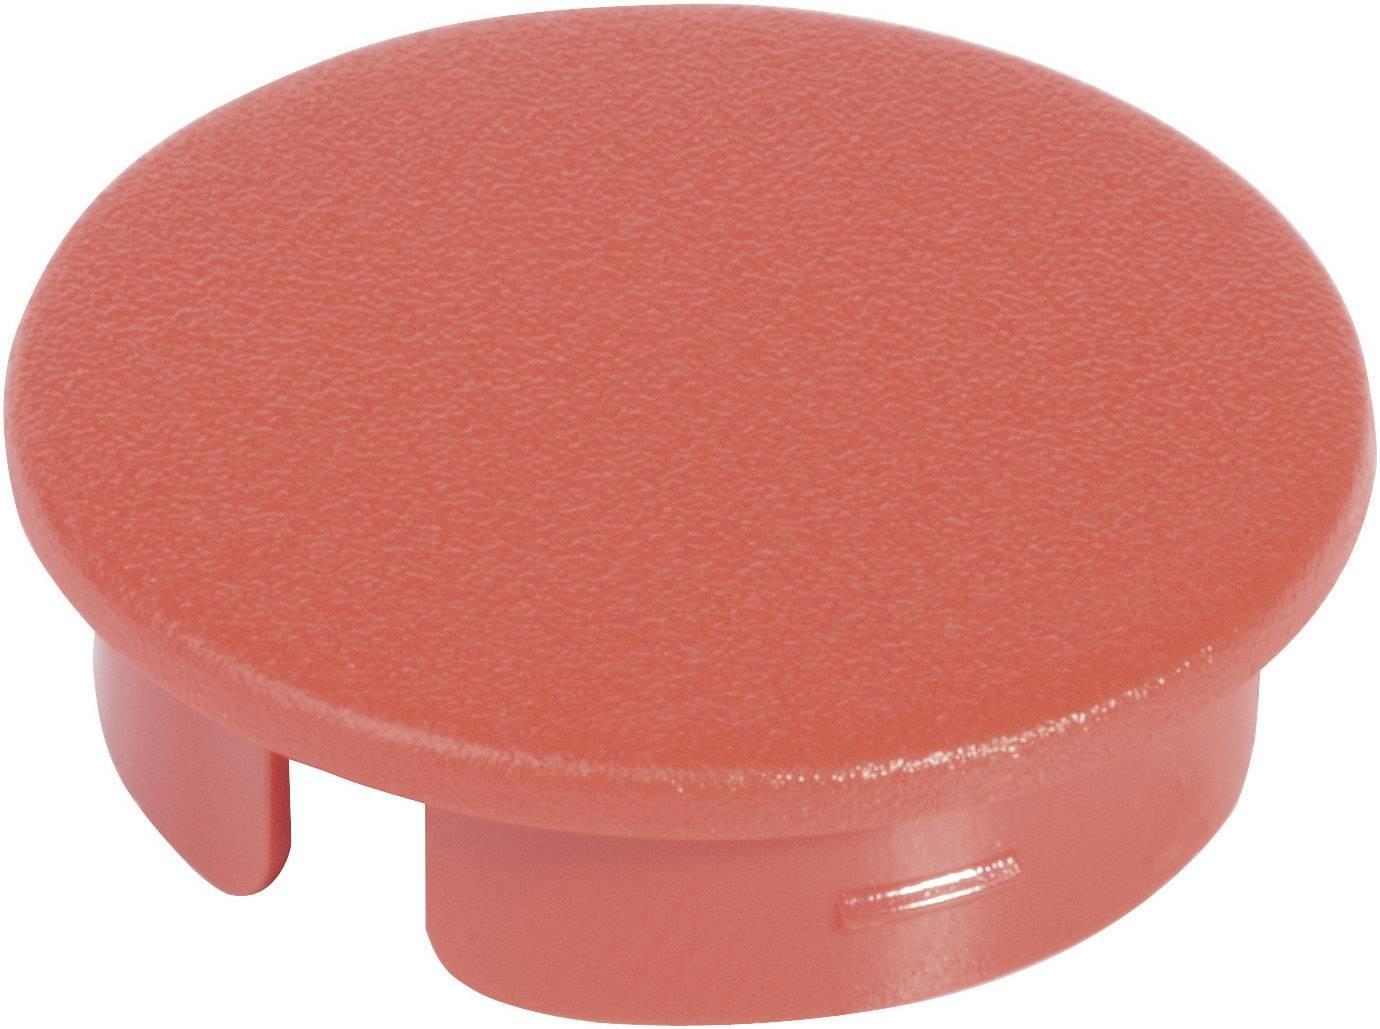 Krytka na otočný knoflík s ukazatelem OKW, pro knoflíky/O 10 mm, červená